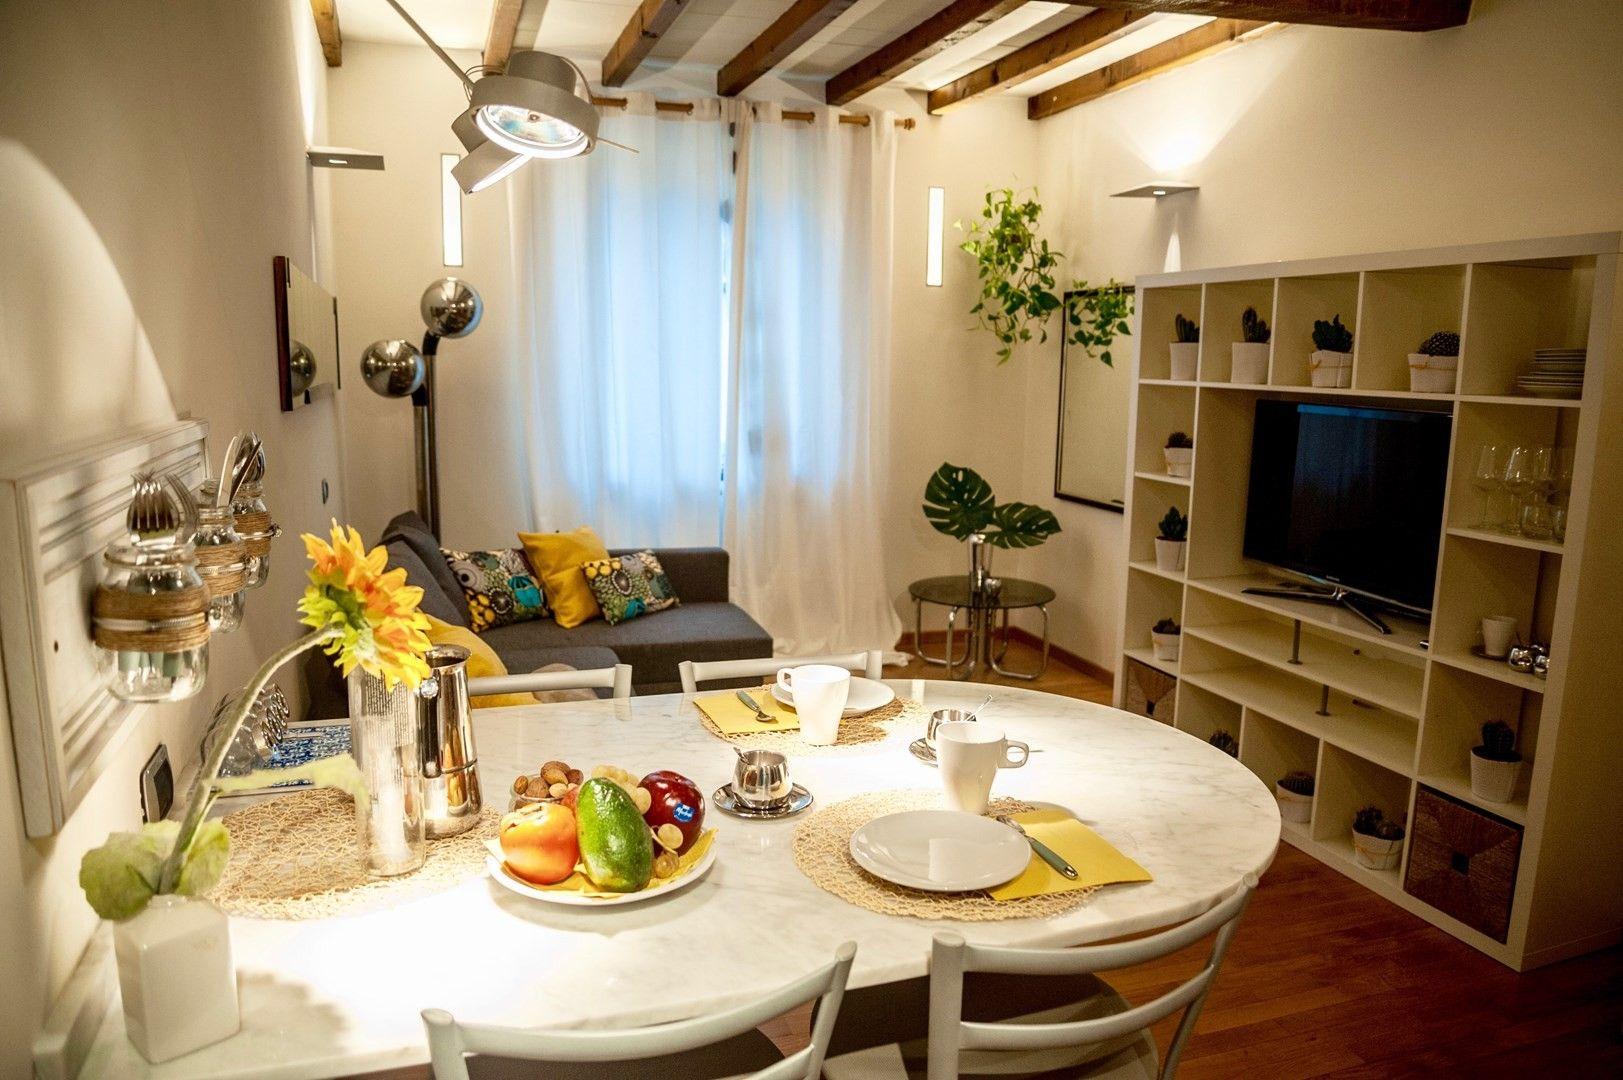 Casa con wi-fi en Parma